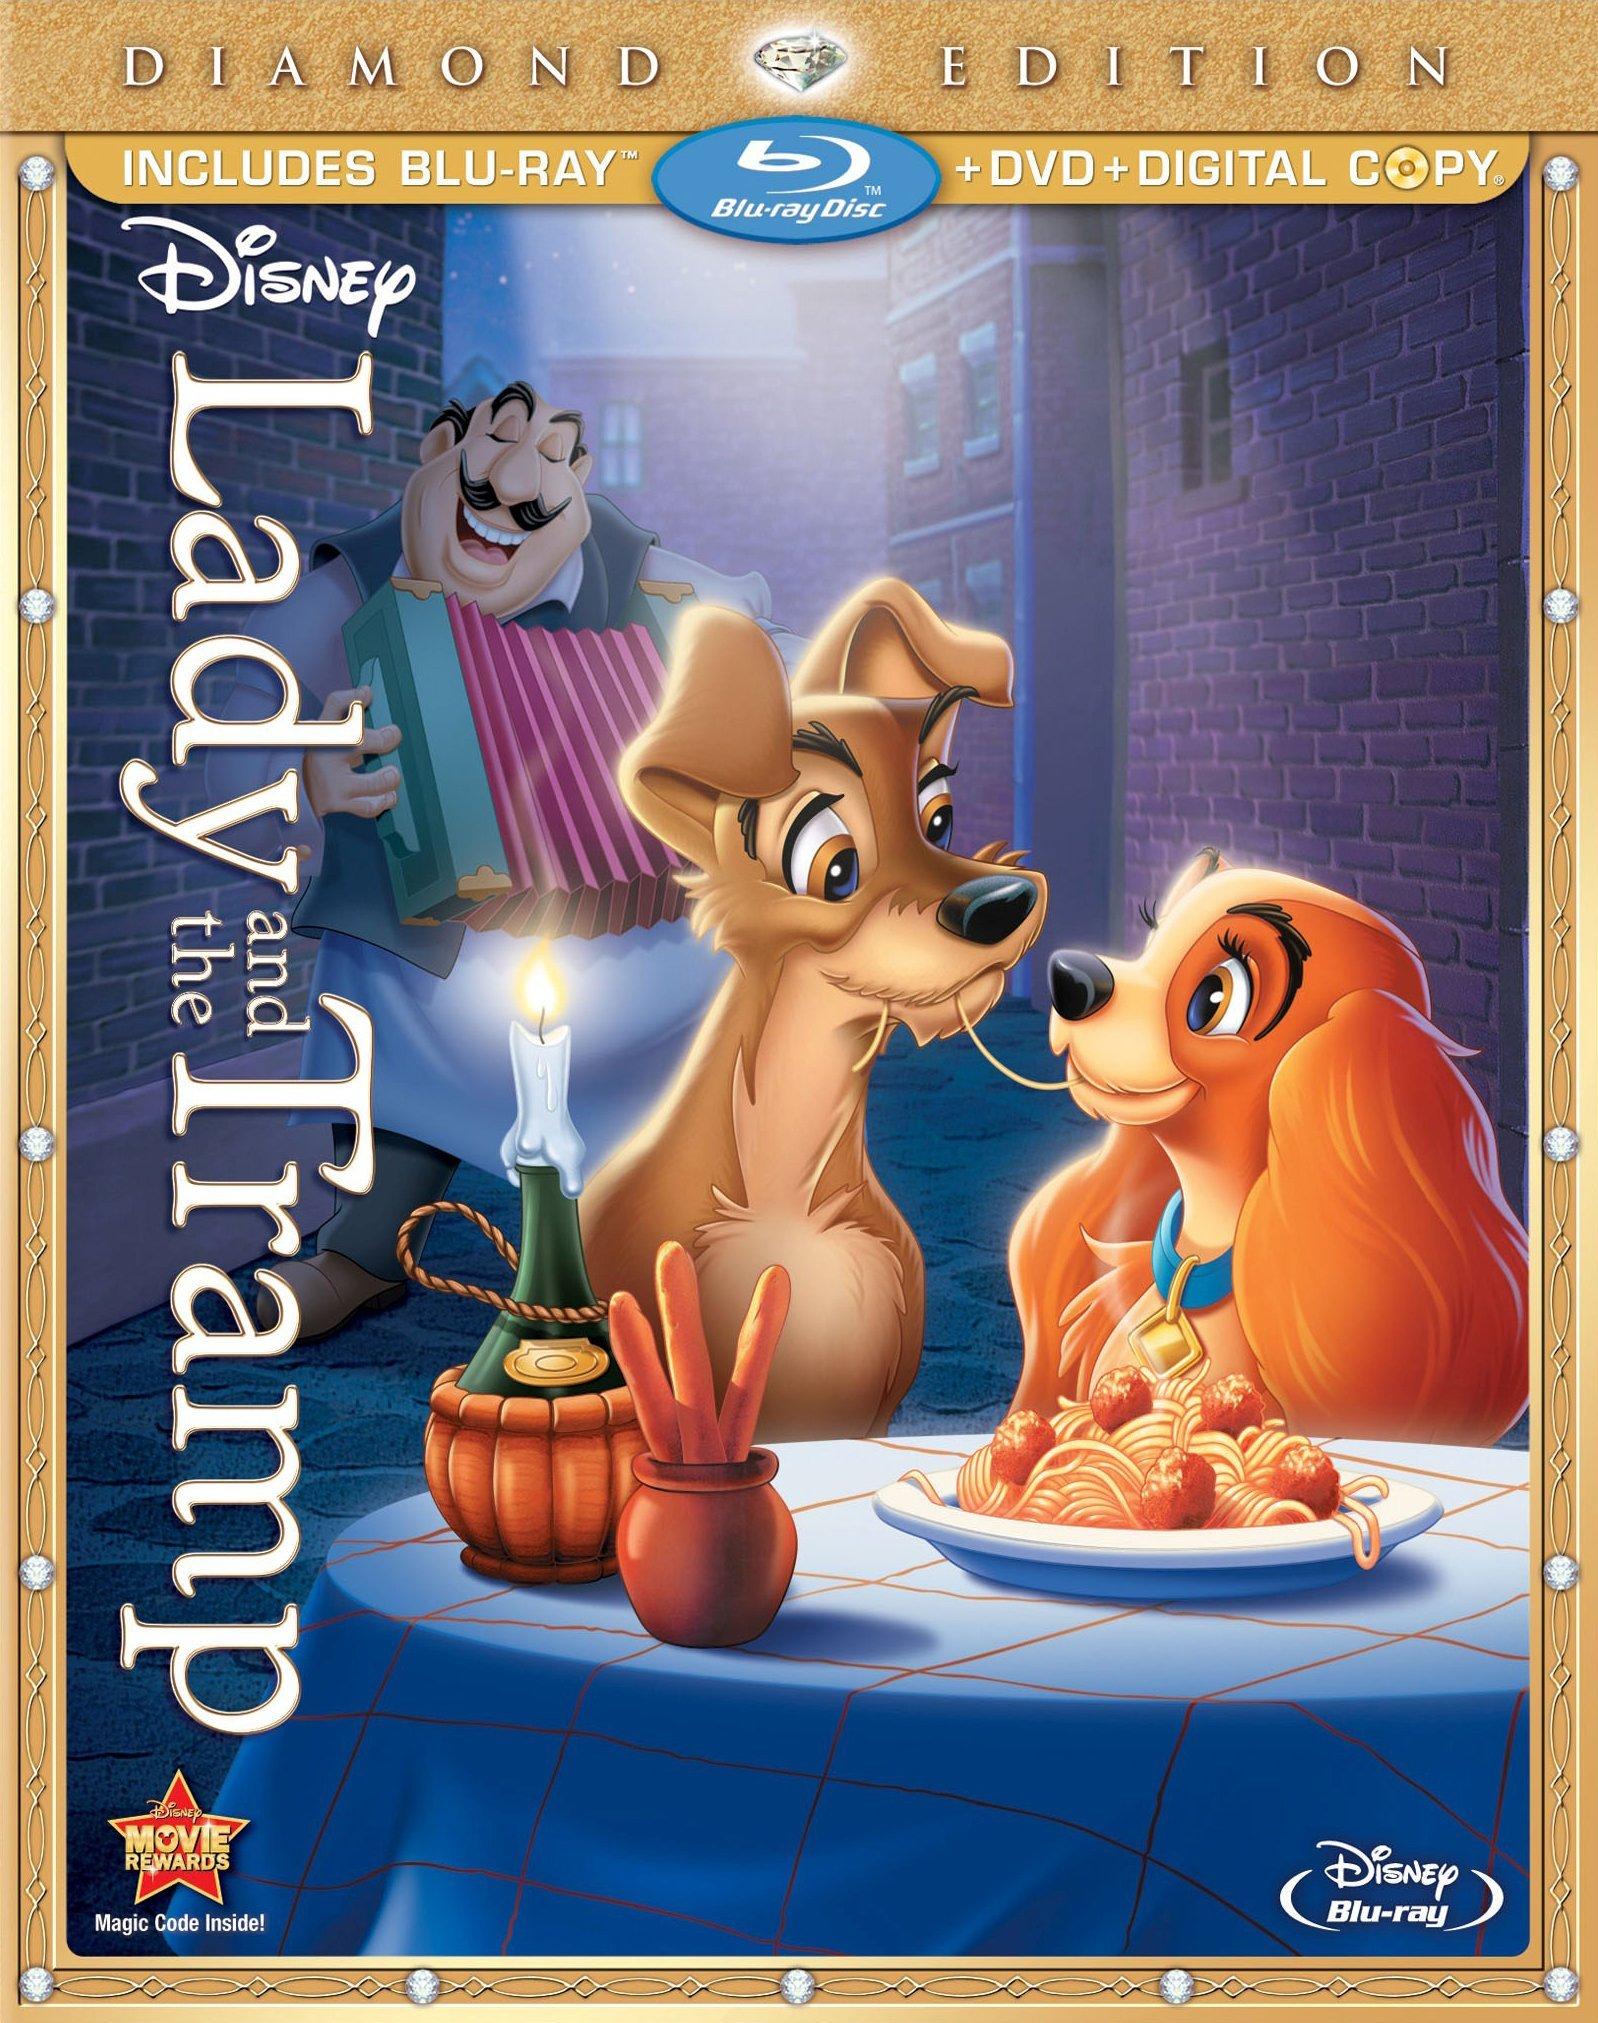 Blu-ray/dvd/digital Copy or